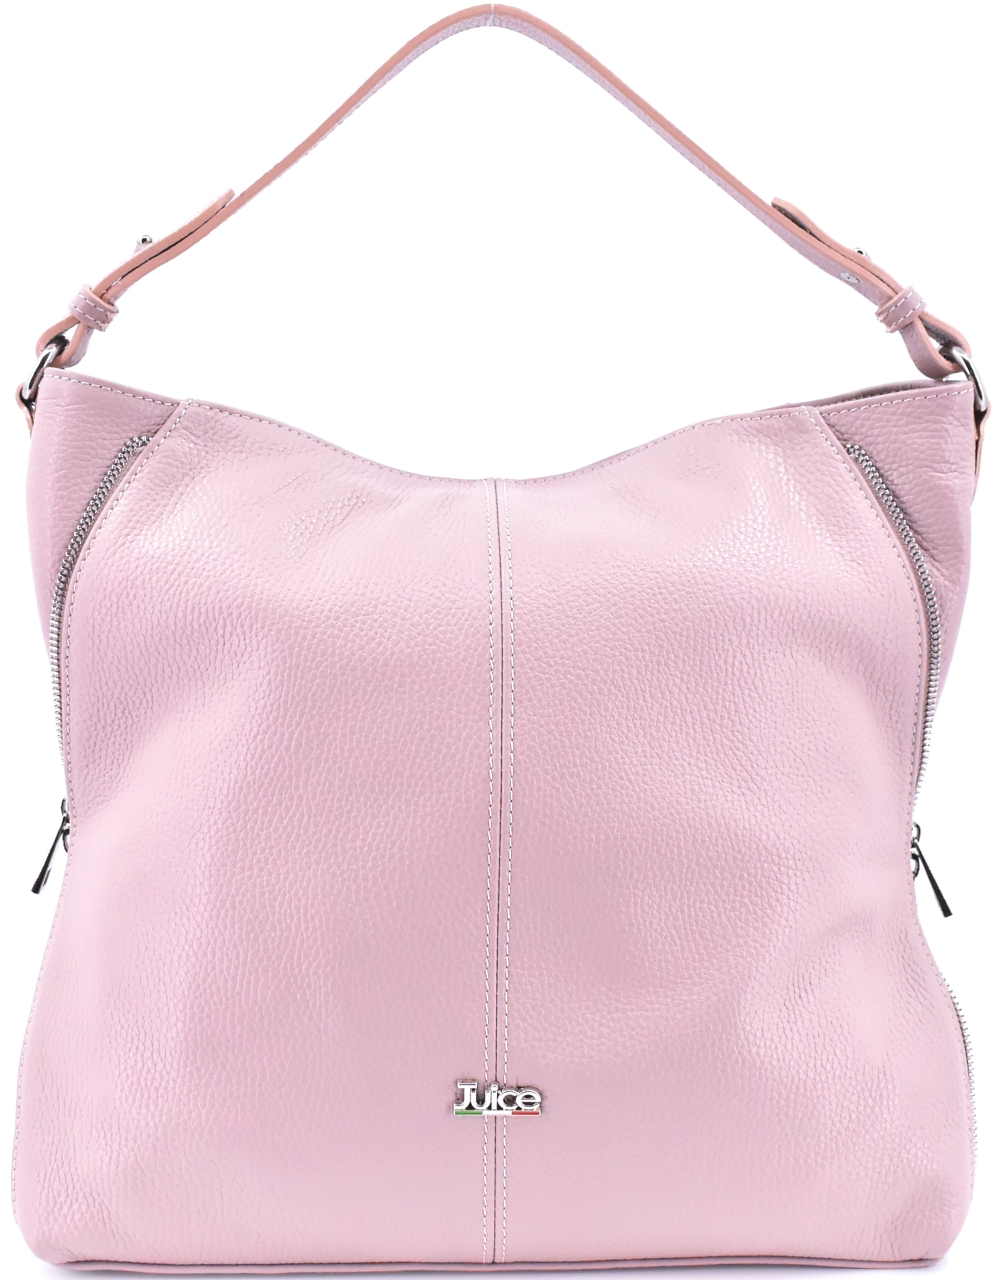 Dámská kožená kabelka Juice - růžová pudrová 112173